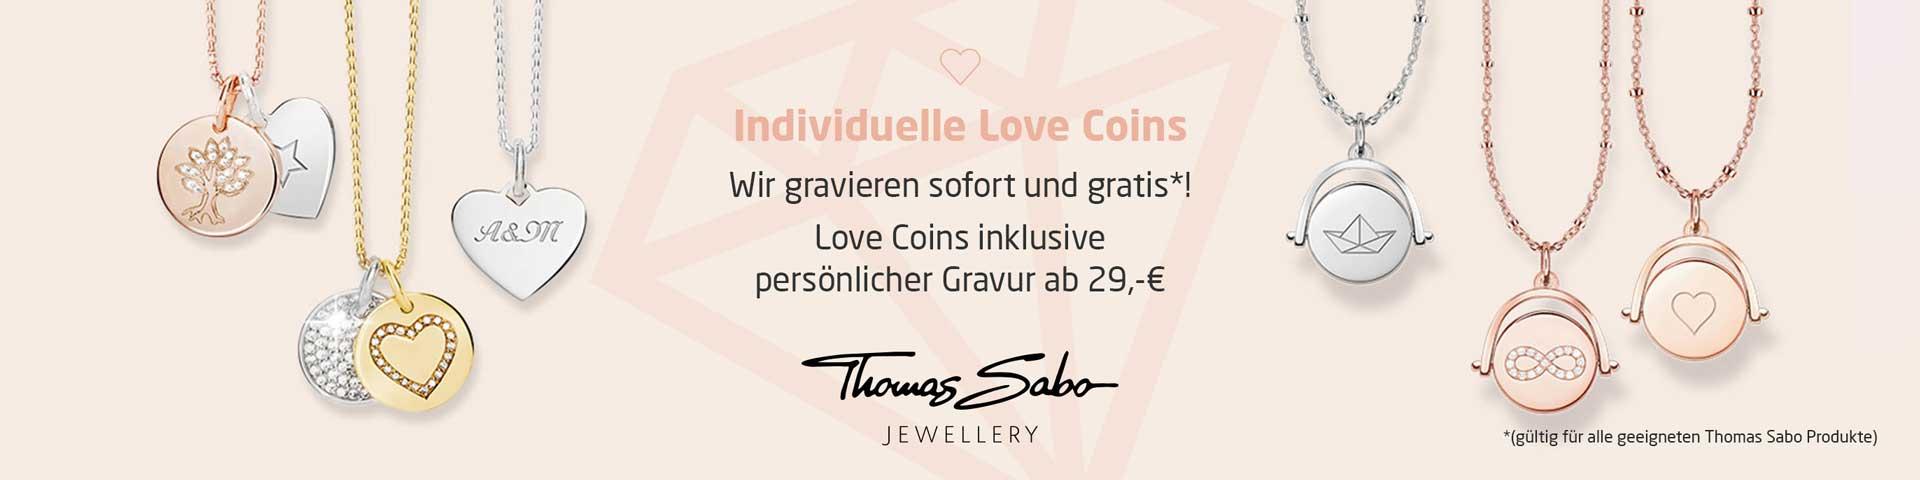 Charisma-Slider-Love-Coins